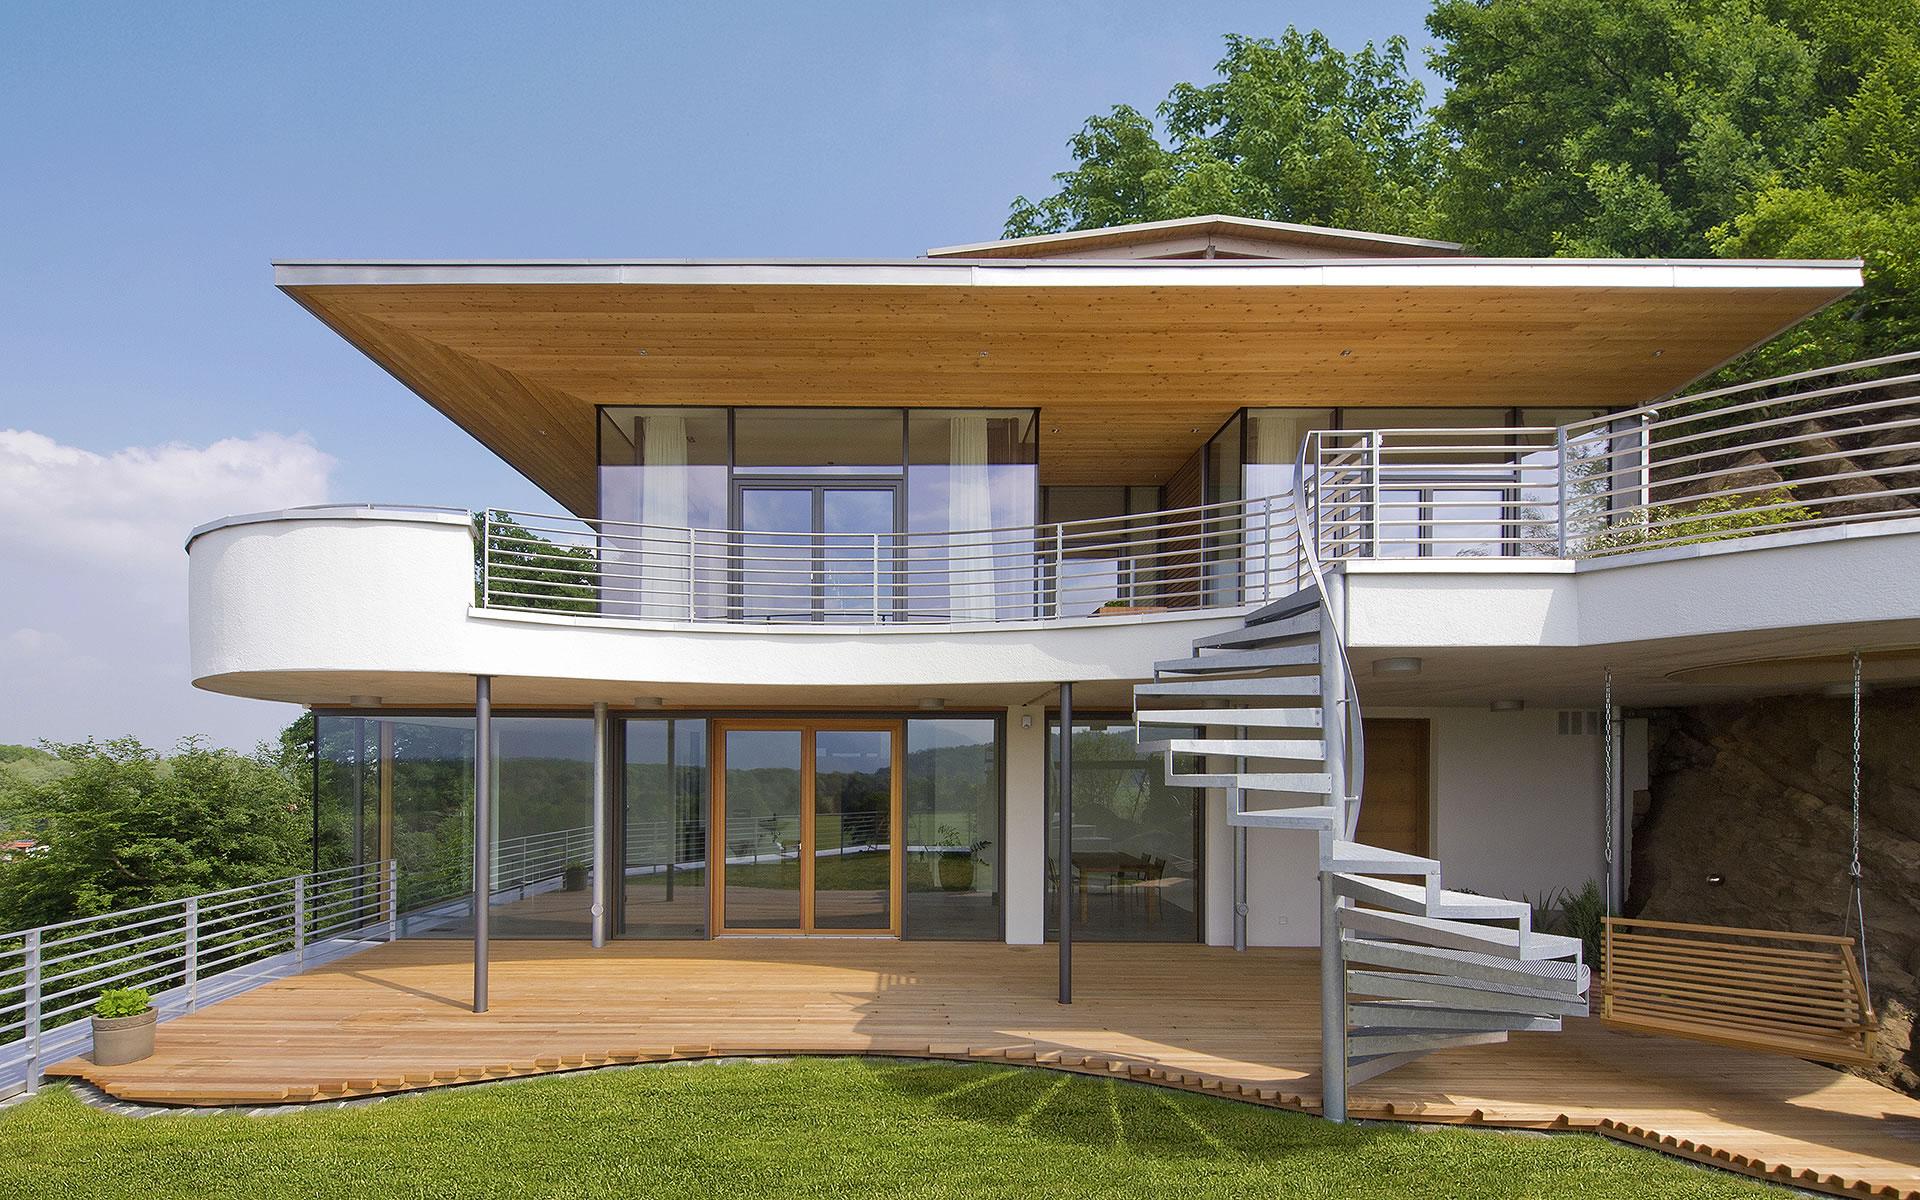 Weitblick von Bau-Fritz GmbH & Co. KG, seit 1896